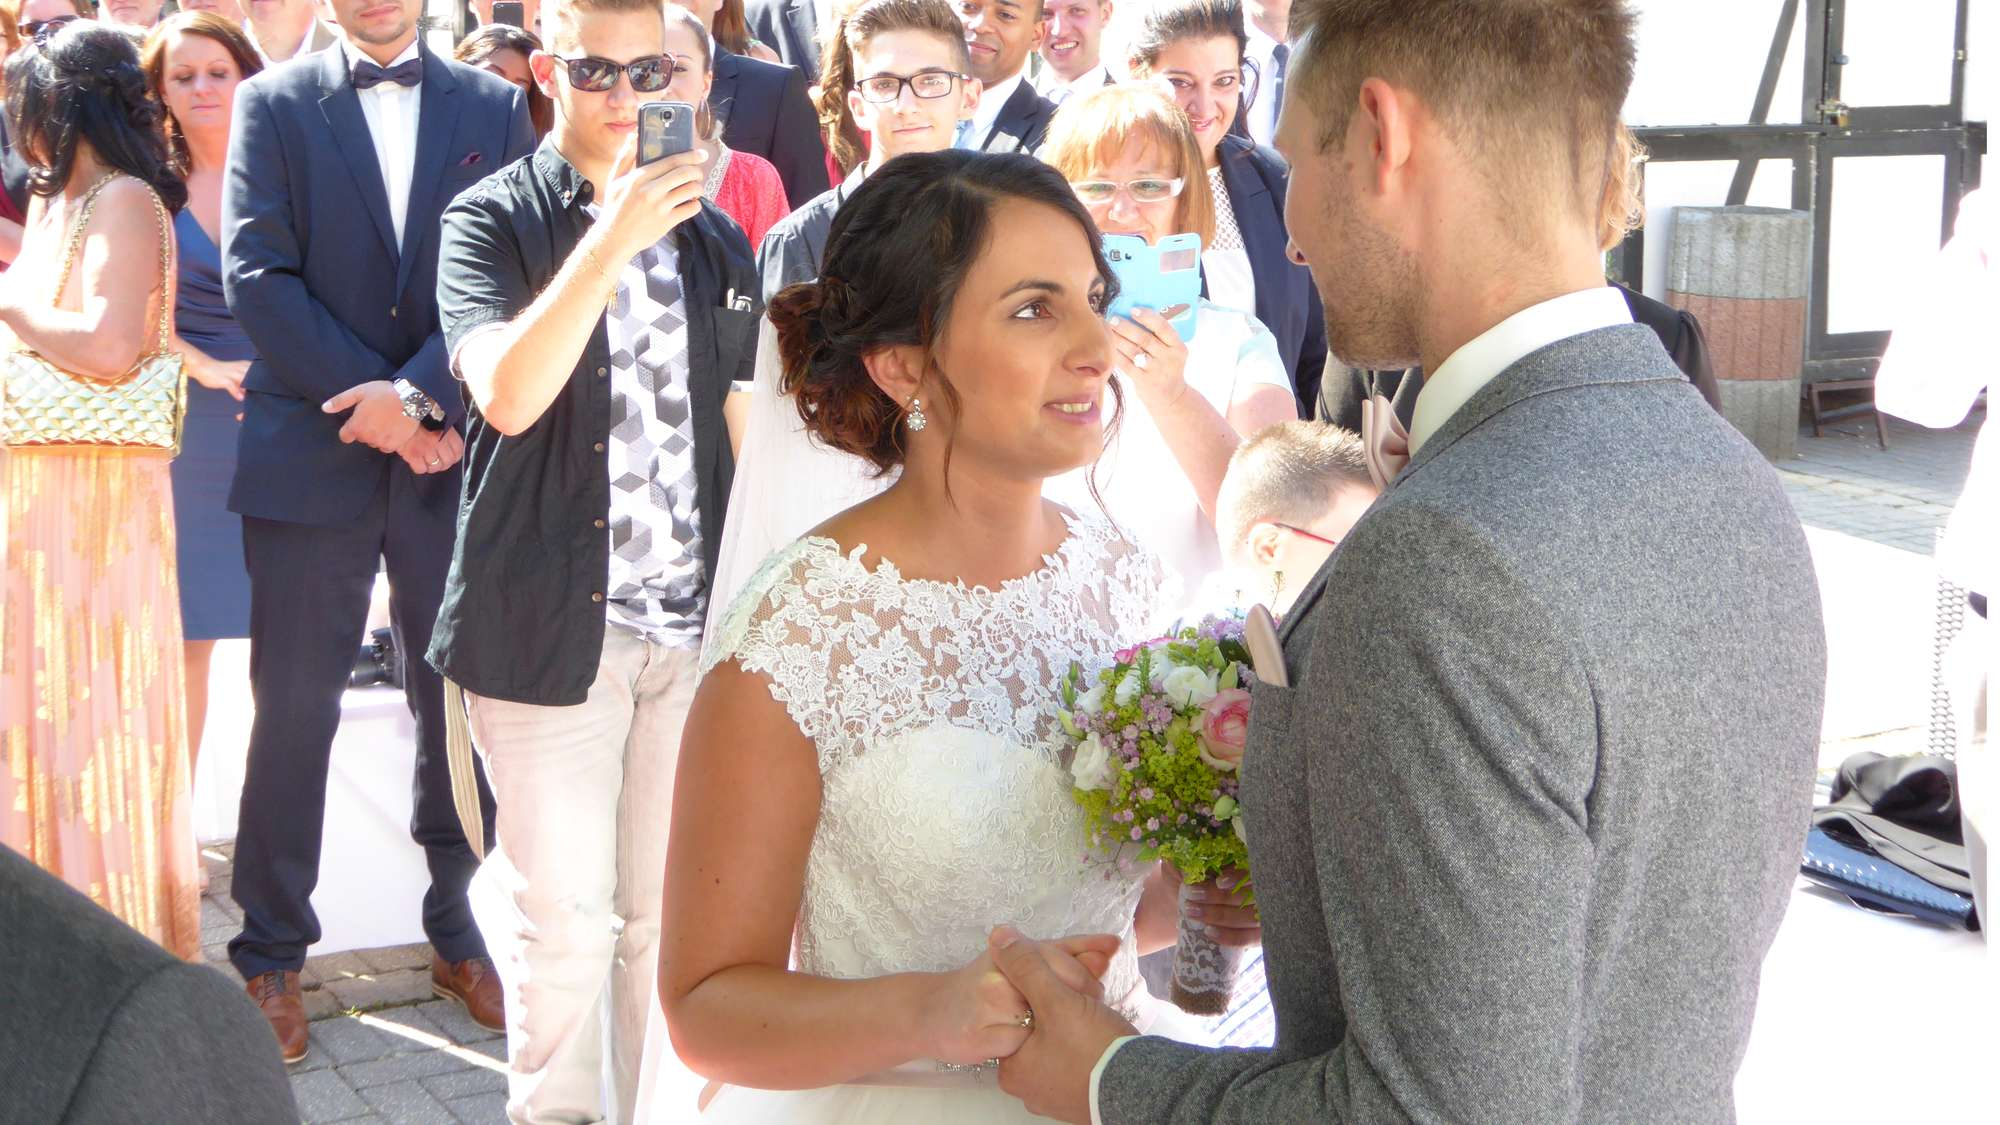 Die Braut trifft auf ihrem Bräutigam bei der freien Trauung